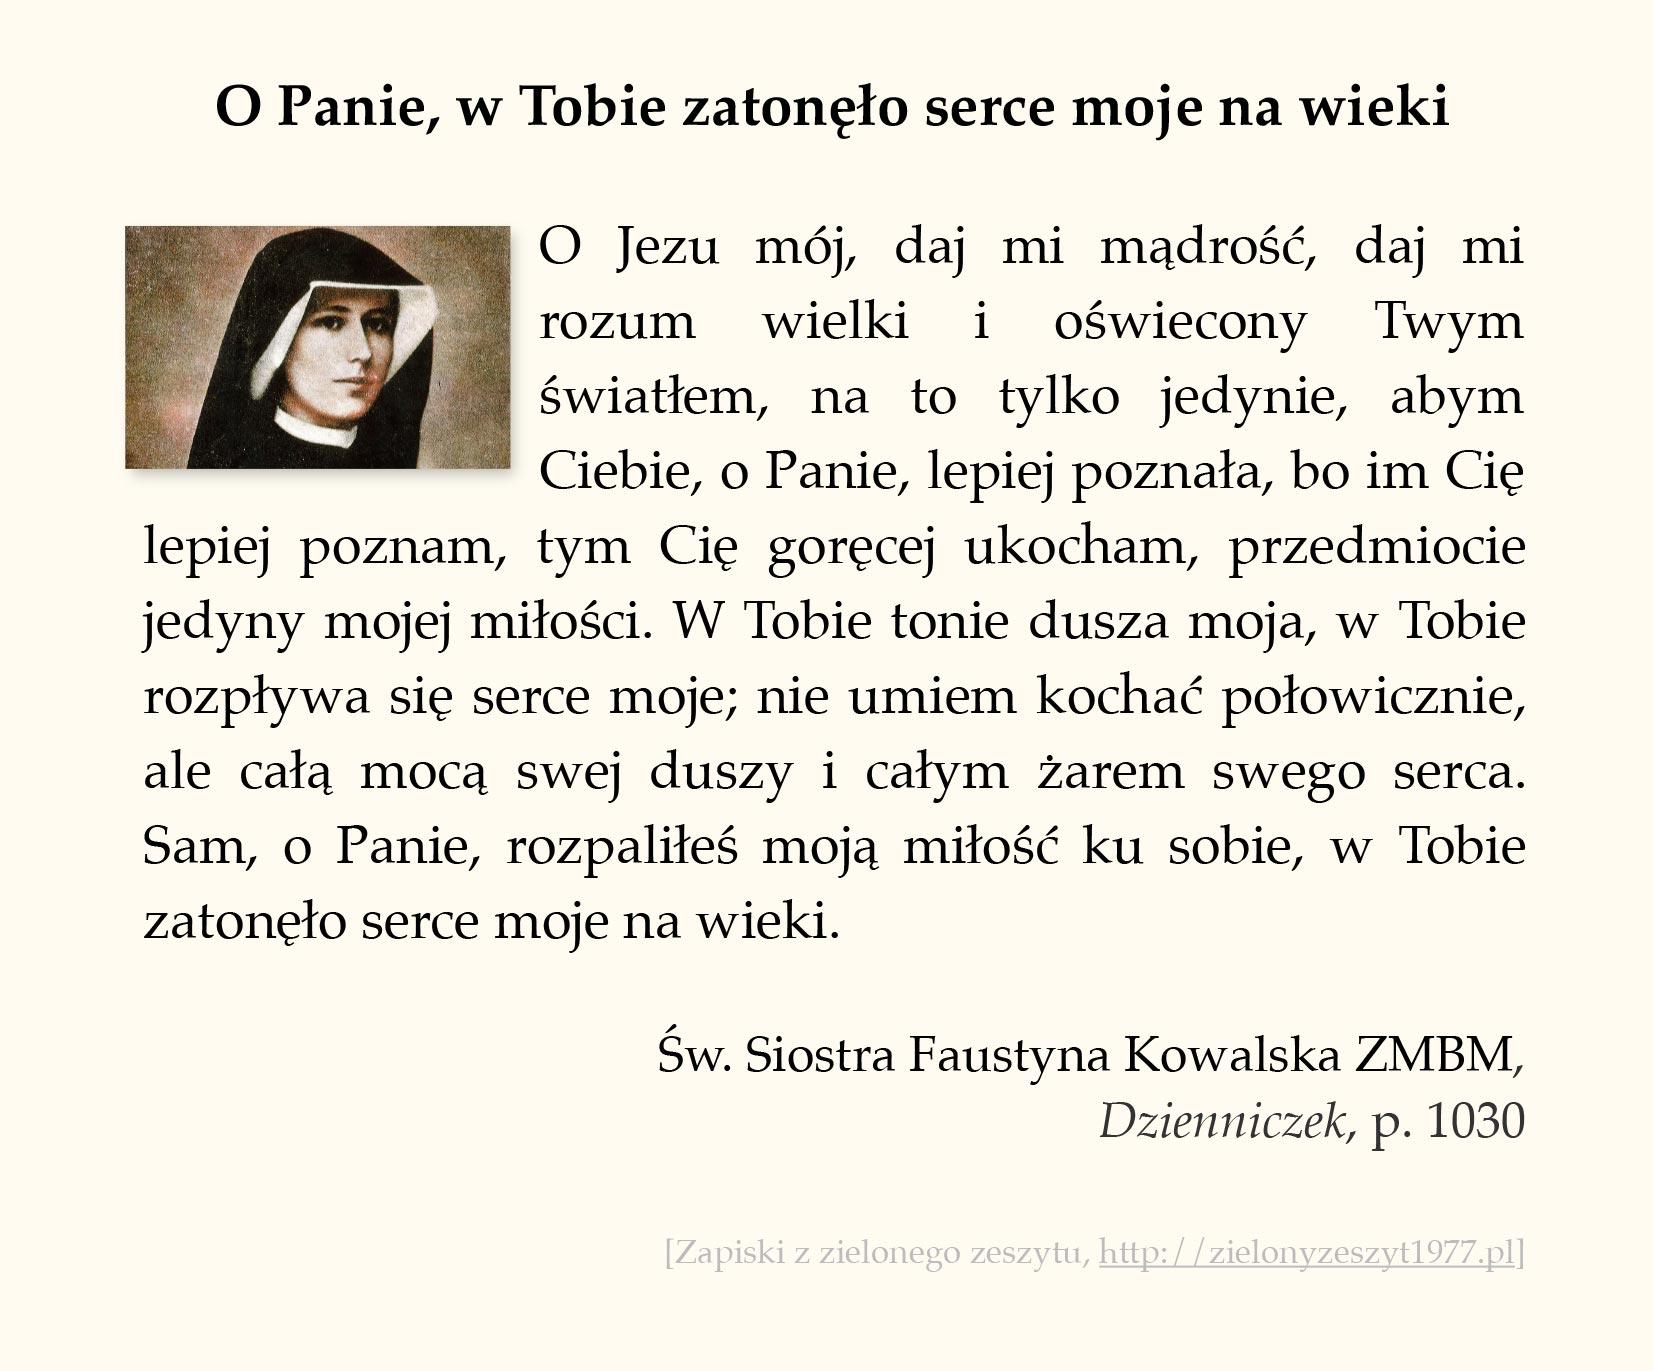 O Panie, w Tobie zatonęło serce moje na wieki; św. Faustyna Kowalska